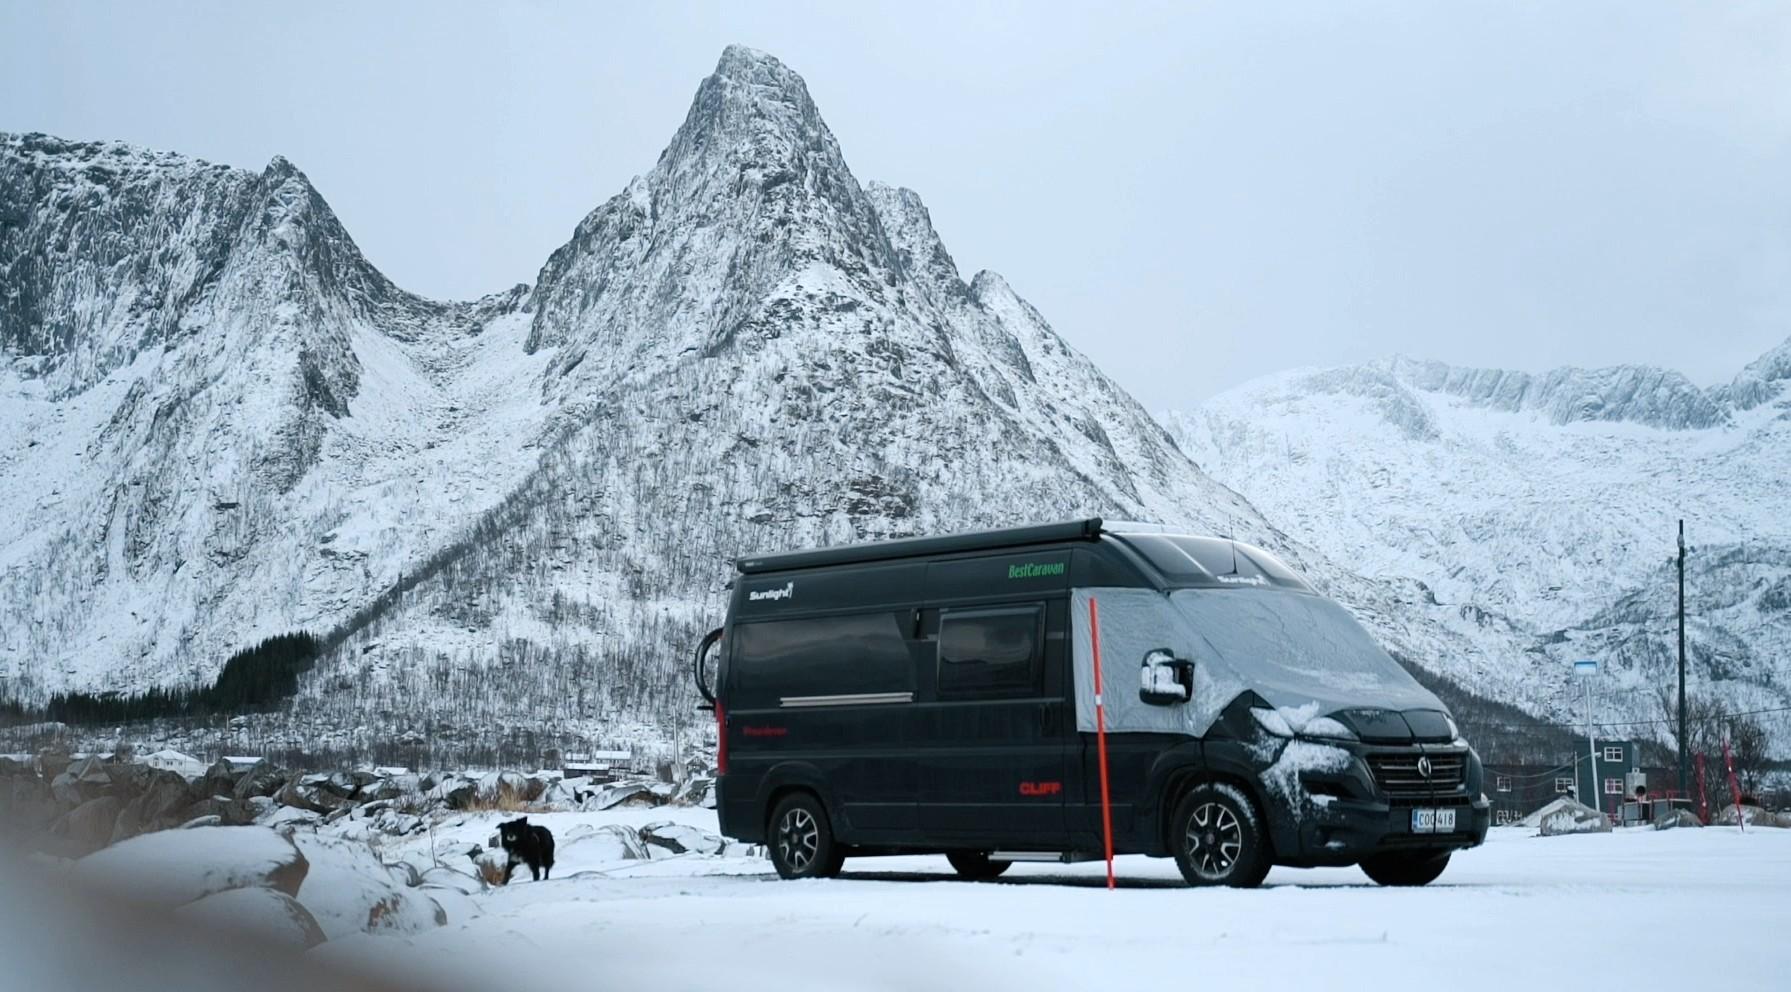 Lämpöpeitto suojaa matkailuautoa lämmön haihtumiselta.